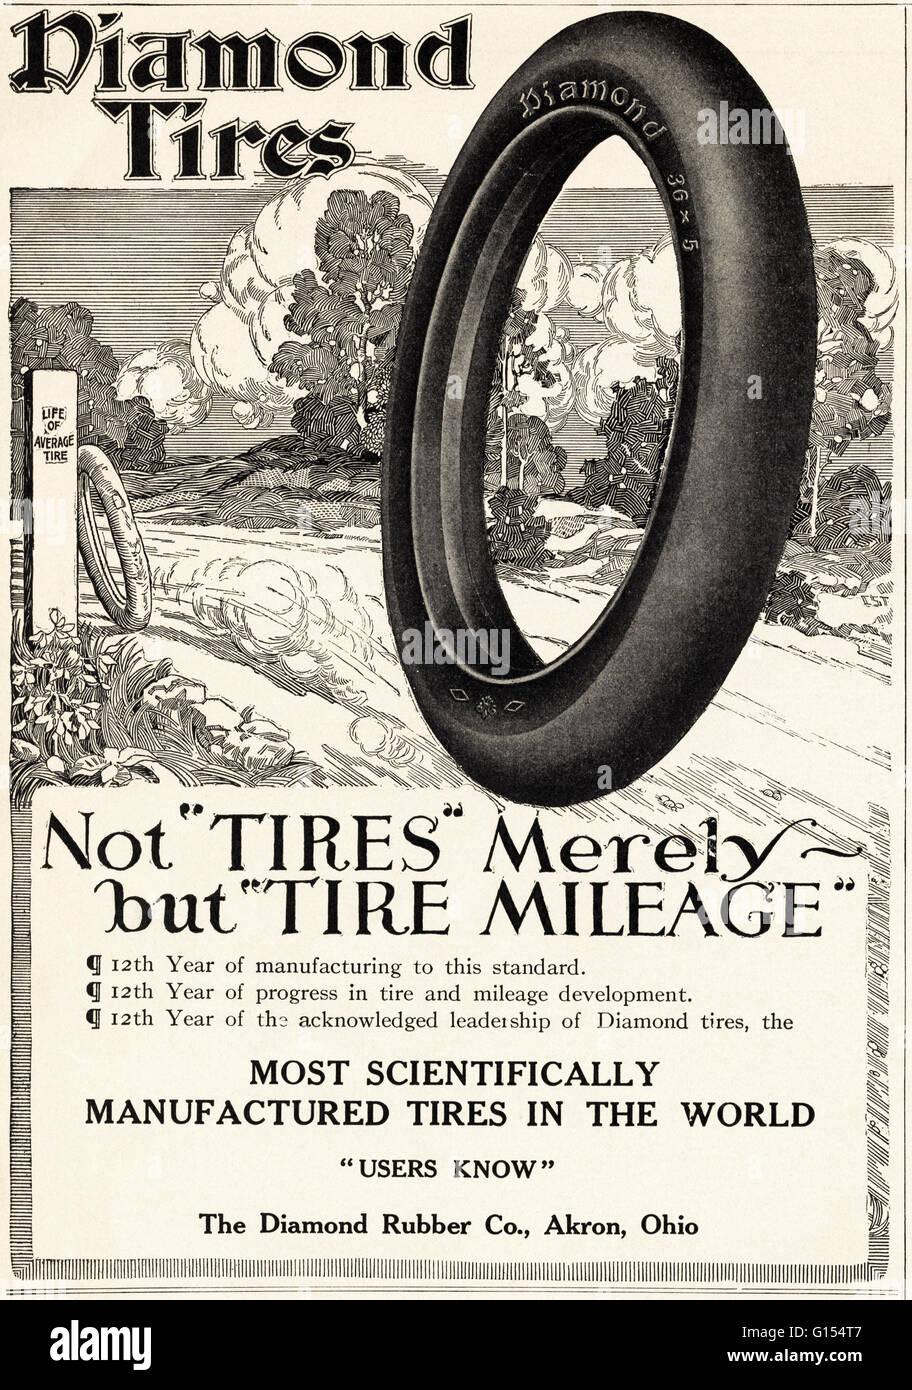 Original antiguo vintage revista americana anuncio desde la época eduardiana, data de 1910. Publicidad publicidad los neumáticos en el diamante el caucho Co de Akron Ohio EE.UU Foto de stock